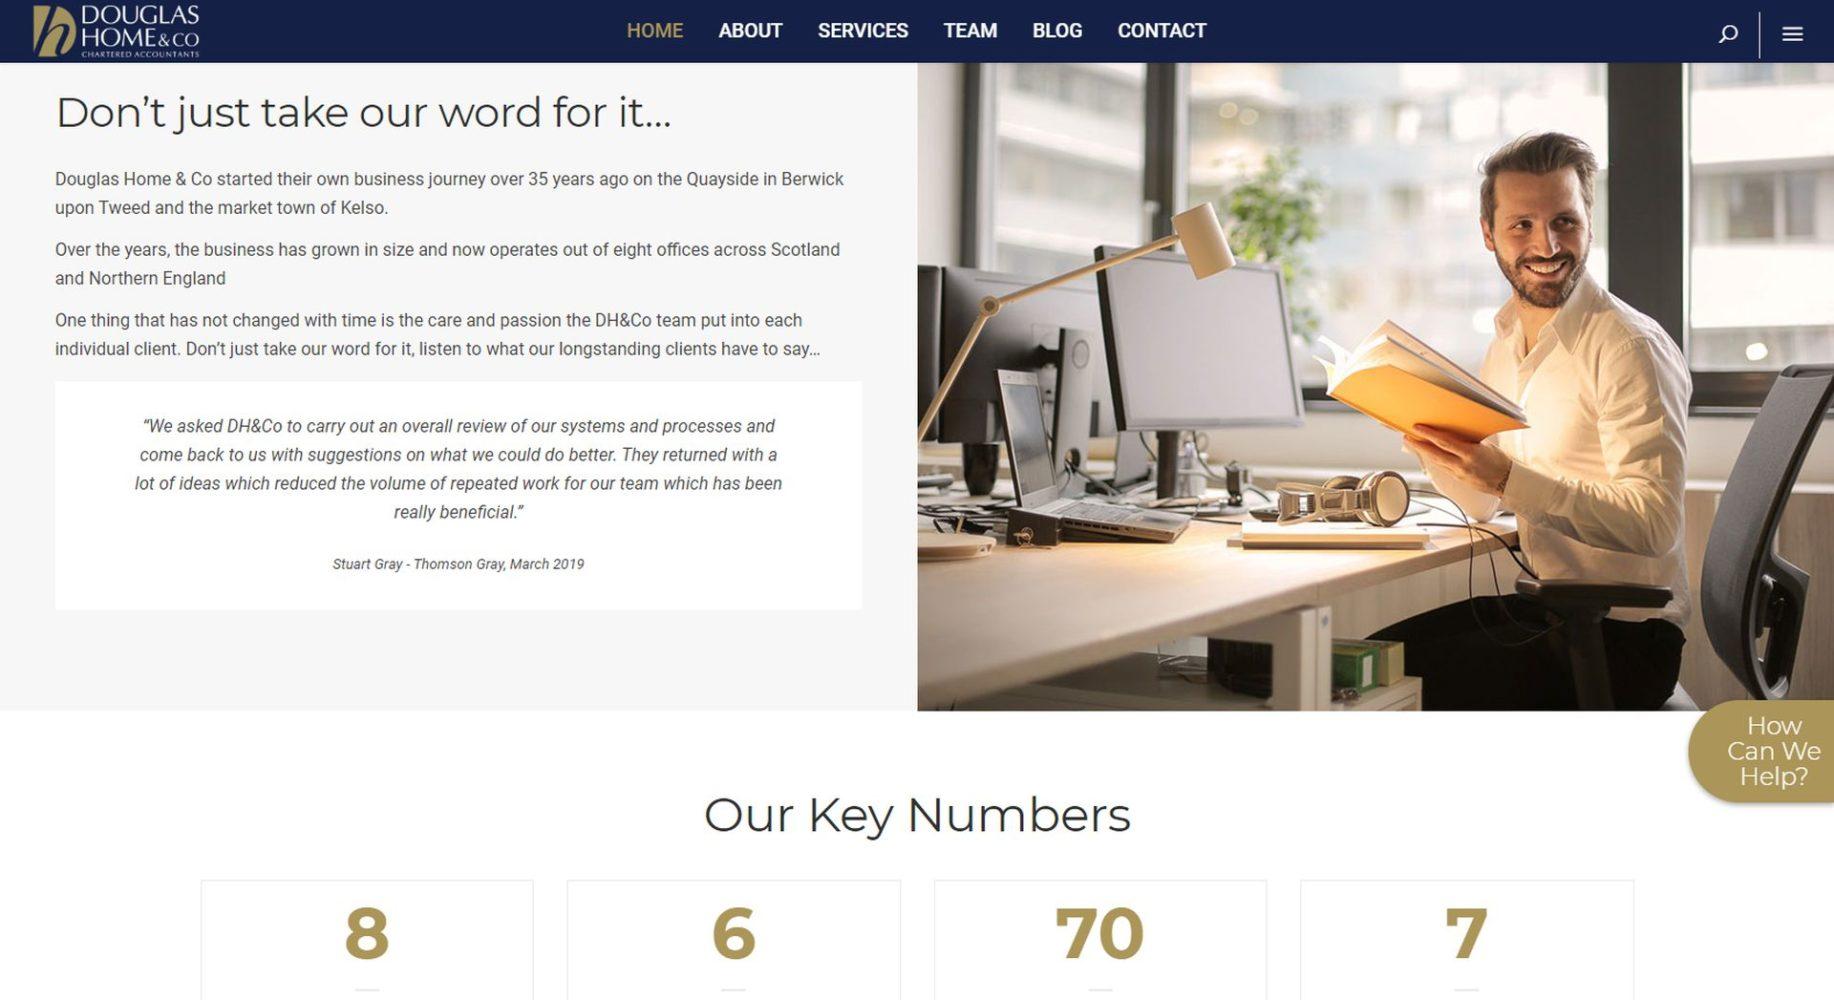 Douglas Home & Co Website Design Homepage